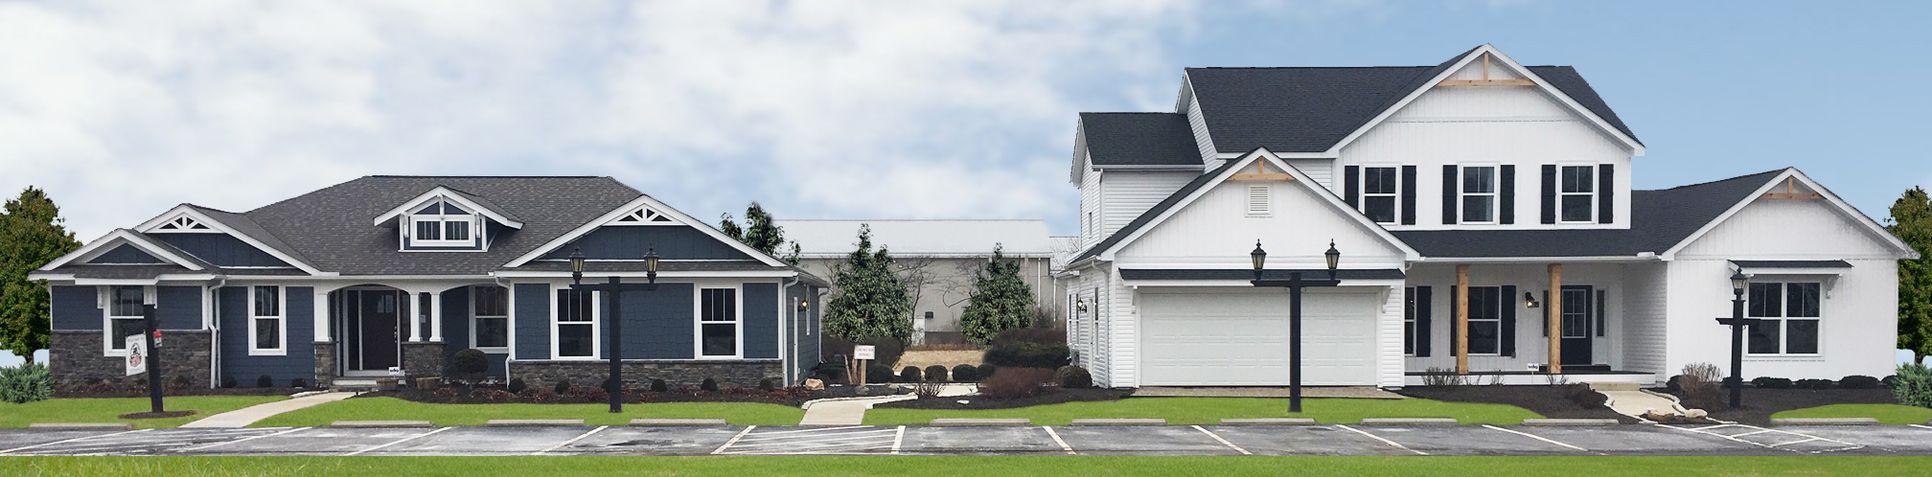 Build On Your Lot Sunbury Building Center,43074